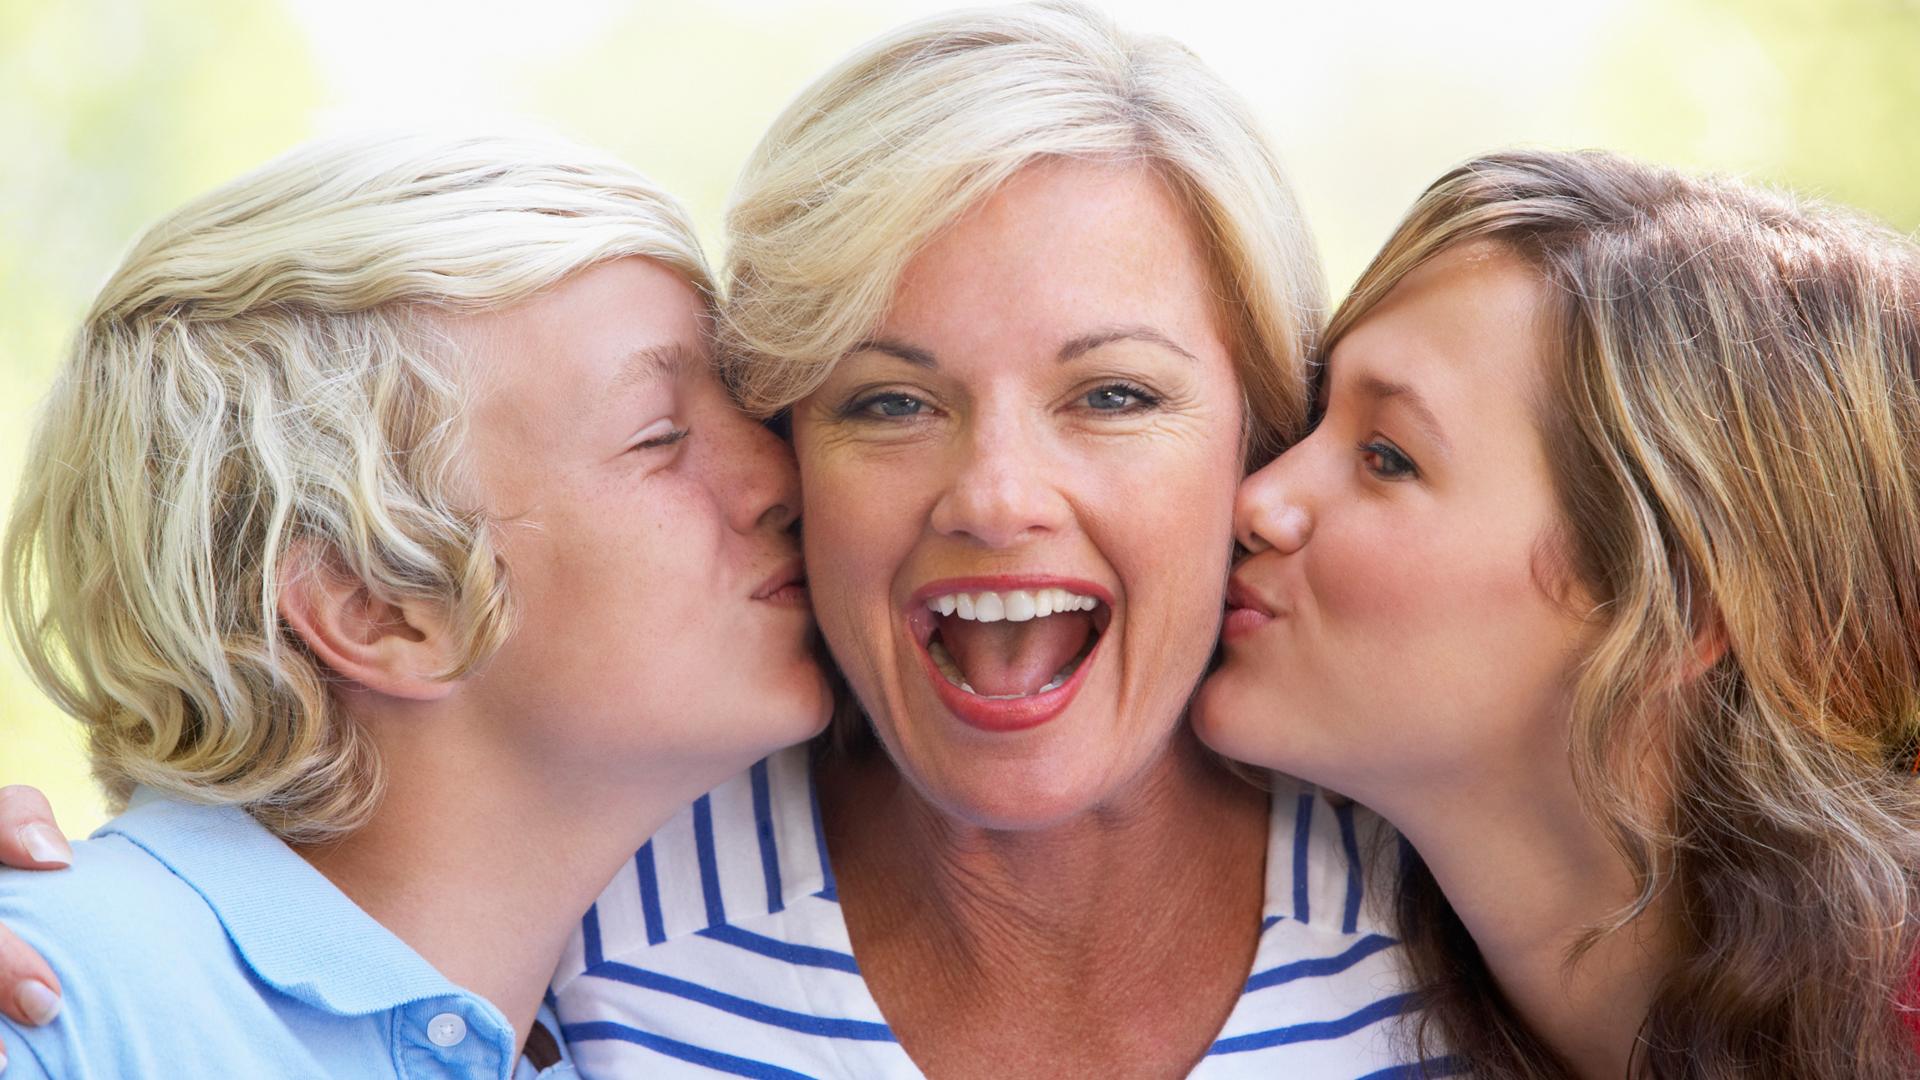 Фото мама с друзьями сына, Мама и сын » Инцест фото. Порно мамы и сына, папы 15 фотография